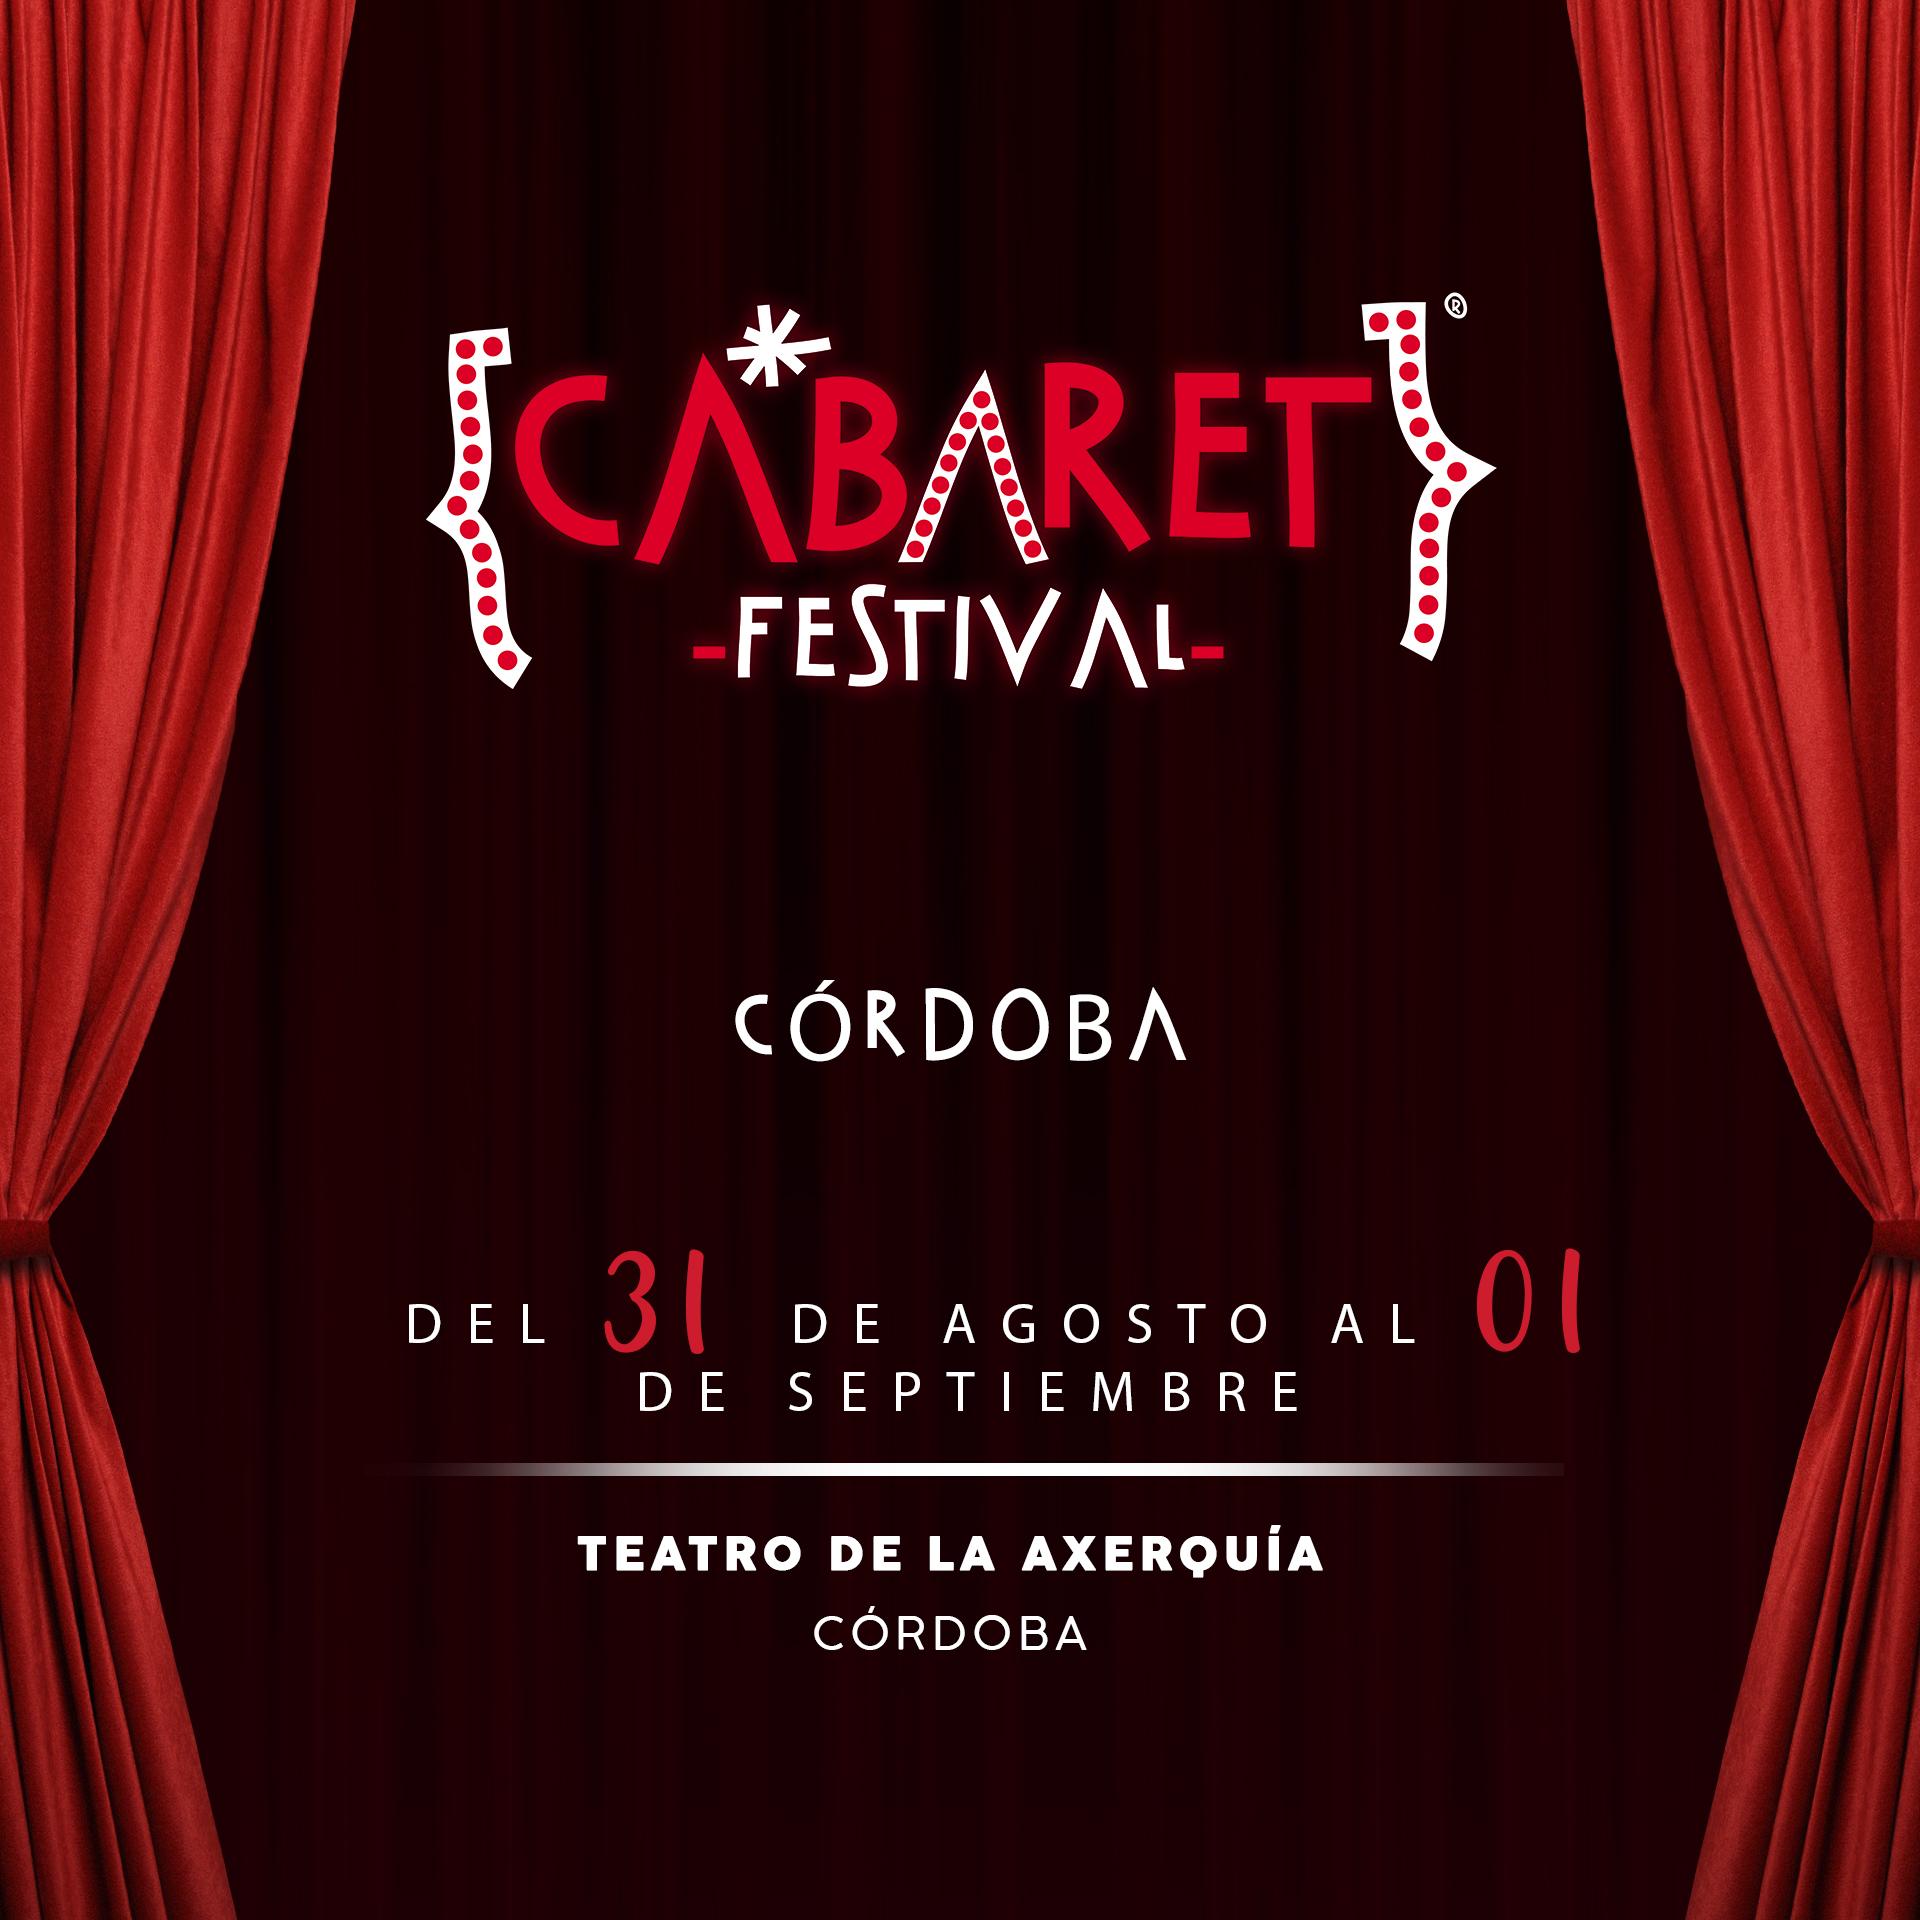 Cabaret Festival llevará a Córdoba los conciertos de Pablo López y Antonio José